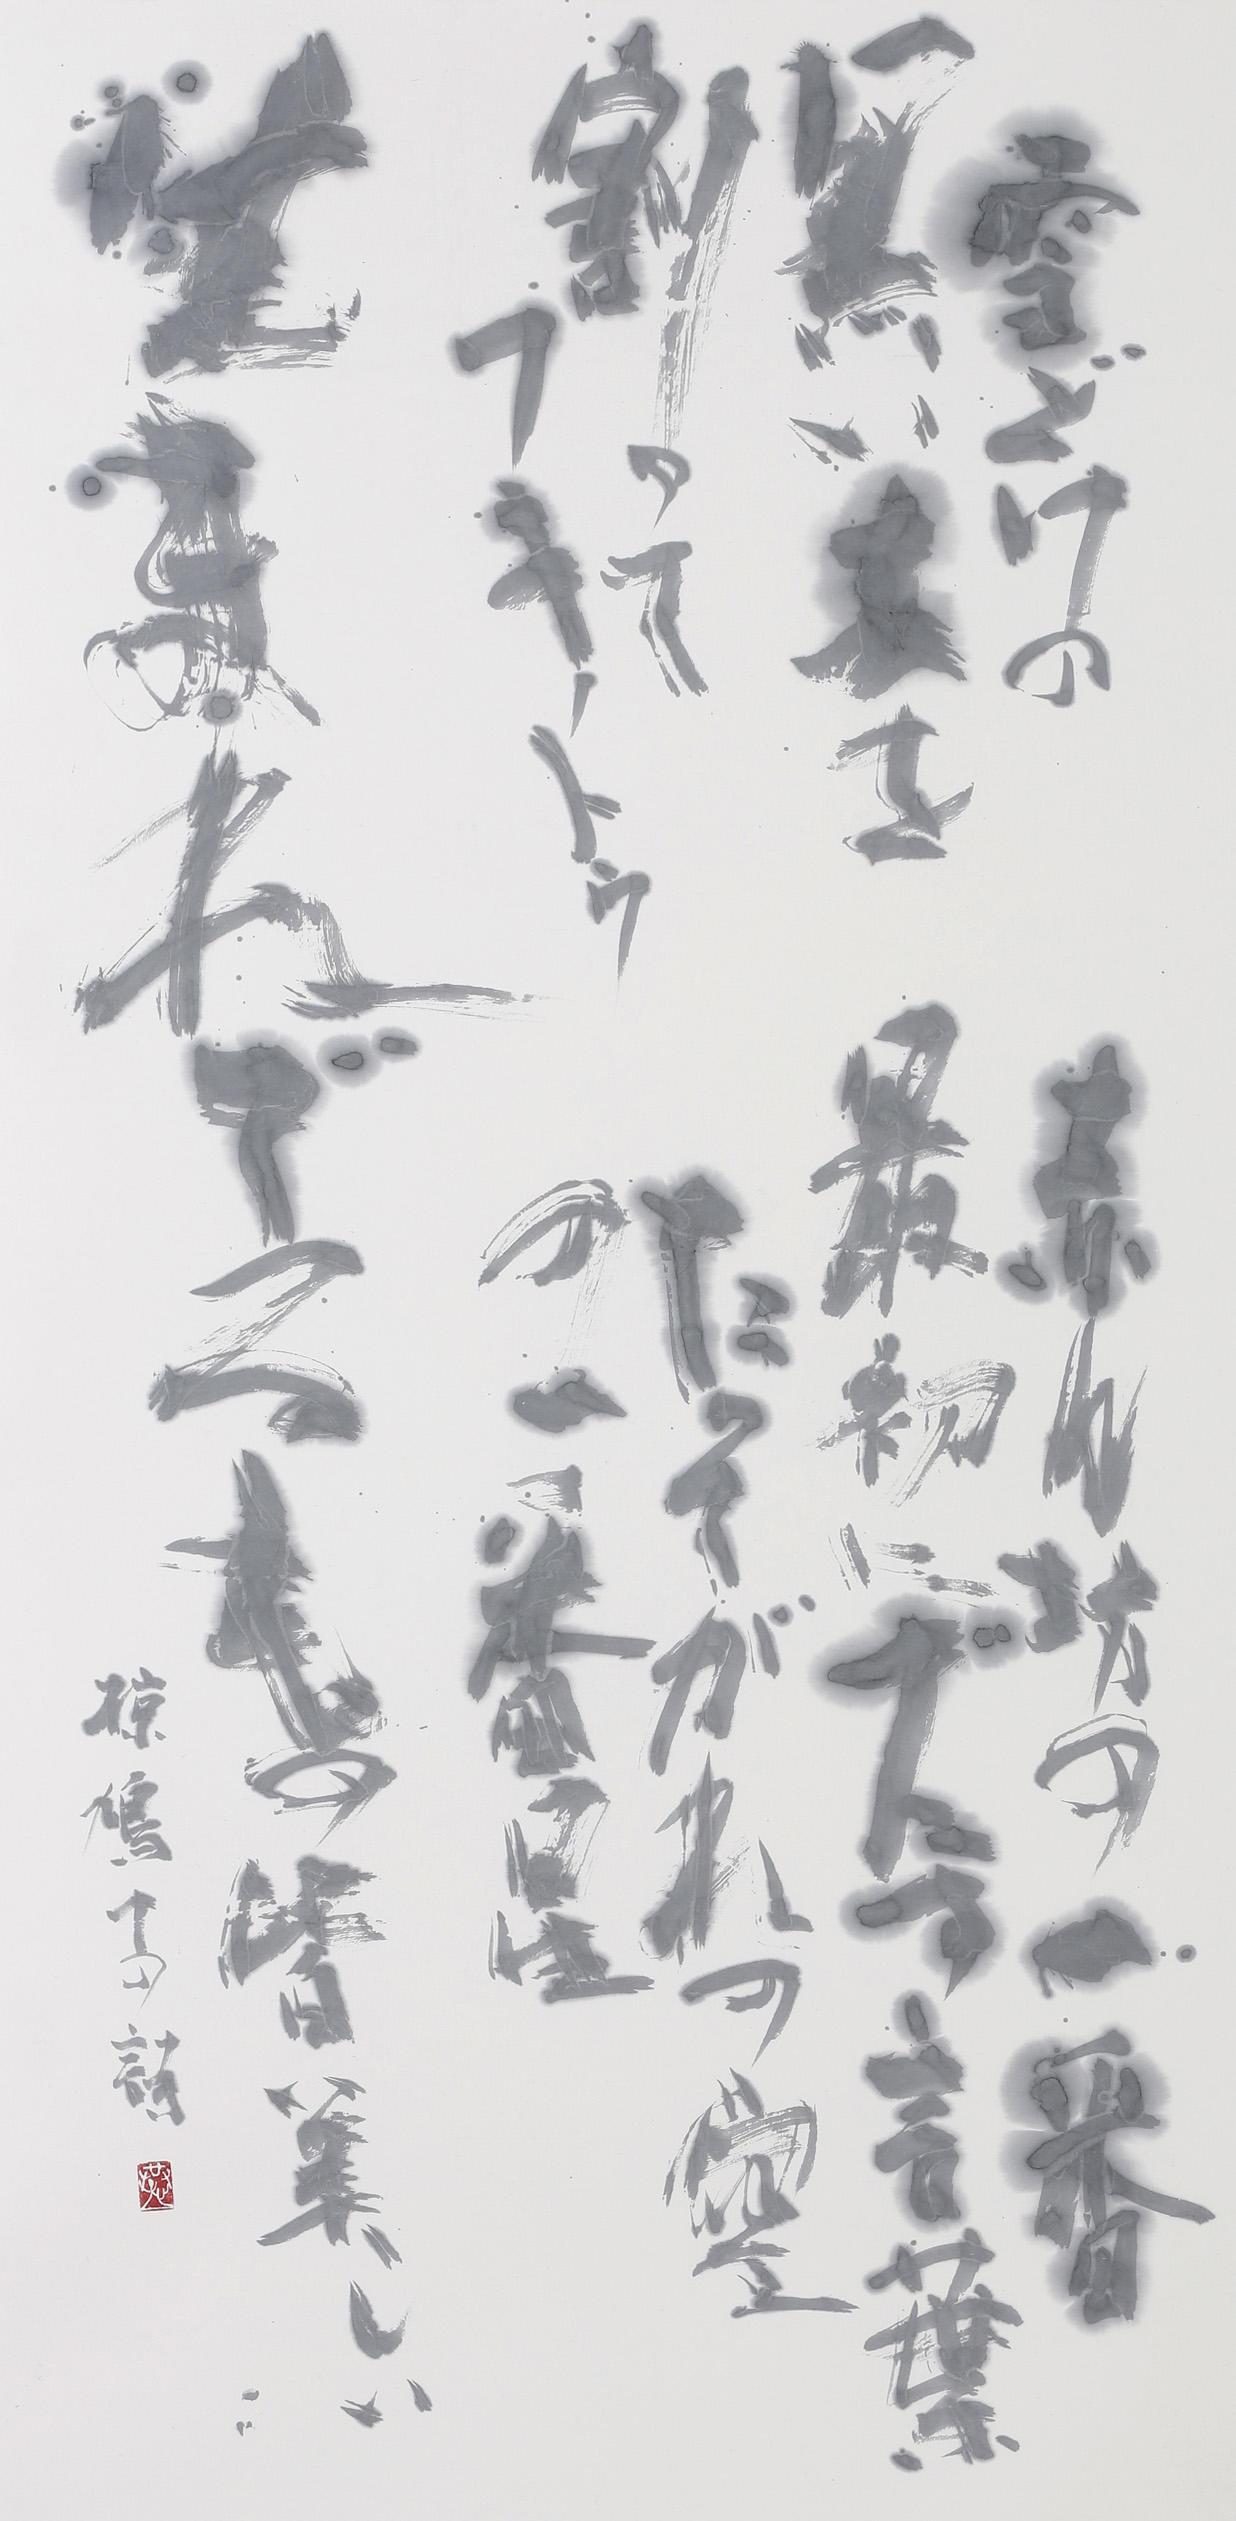 第36回産経国際書展出品作 「椋鳩十『生まれでるもの』」(縦180×横90センチ)